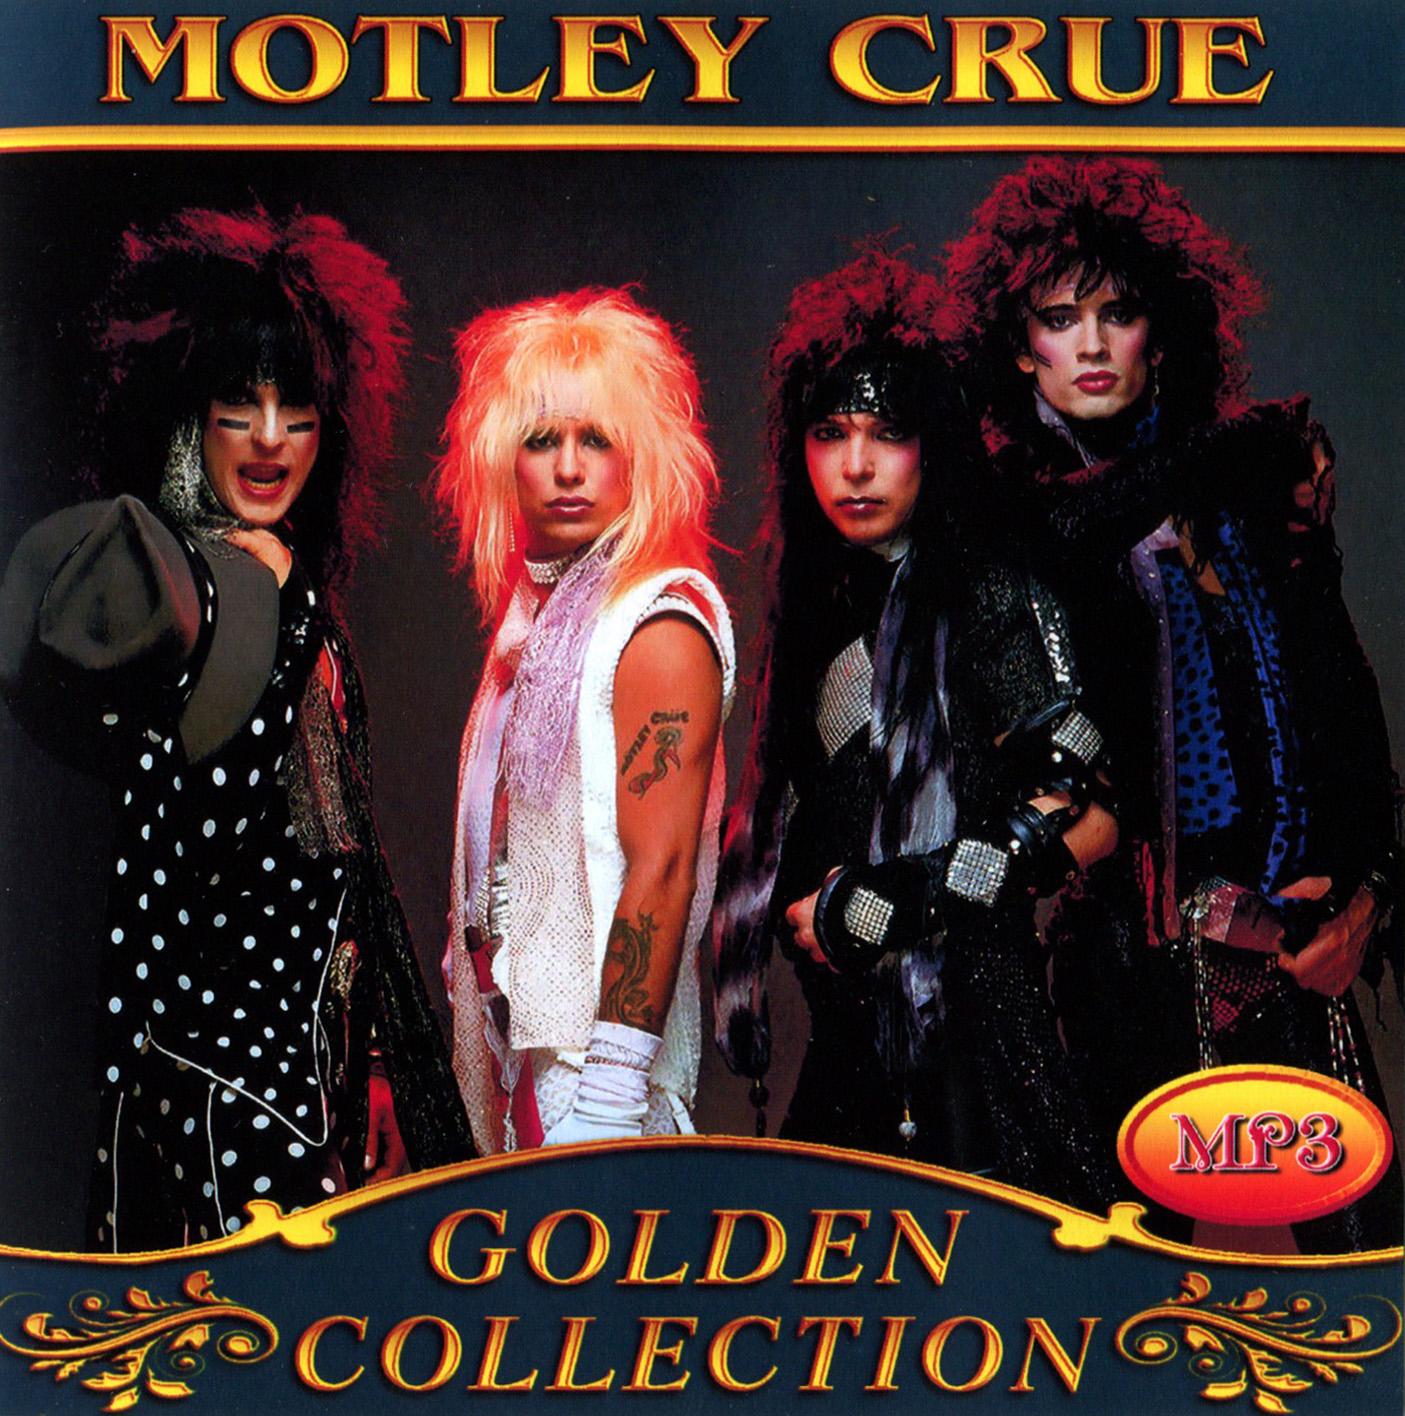 Motley Crue [mp3]